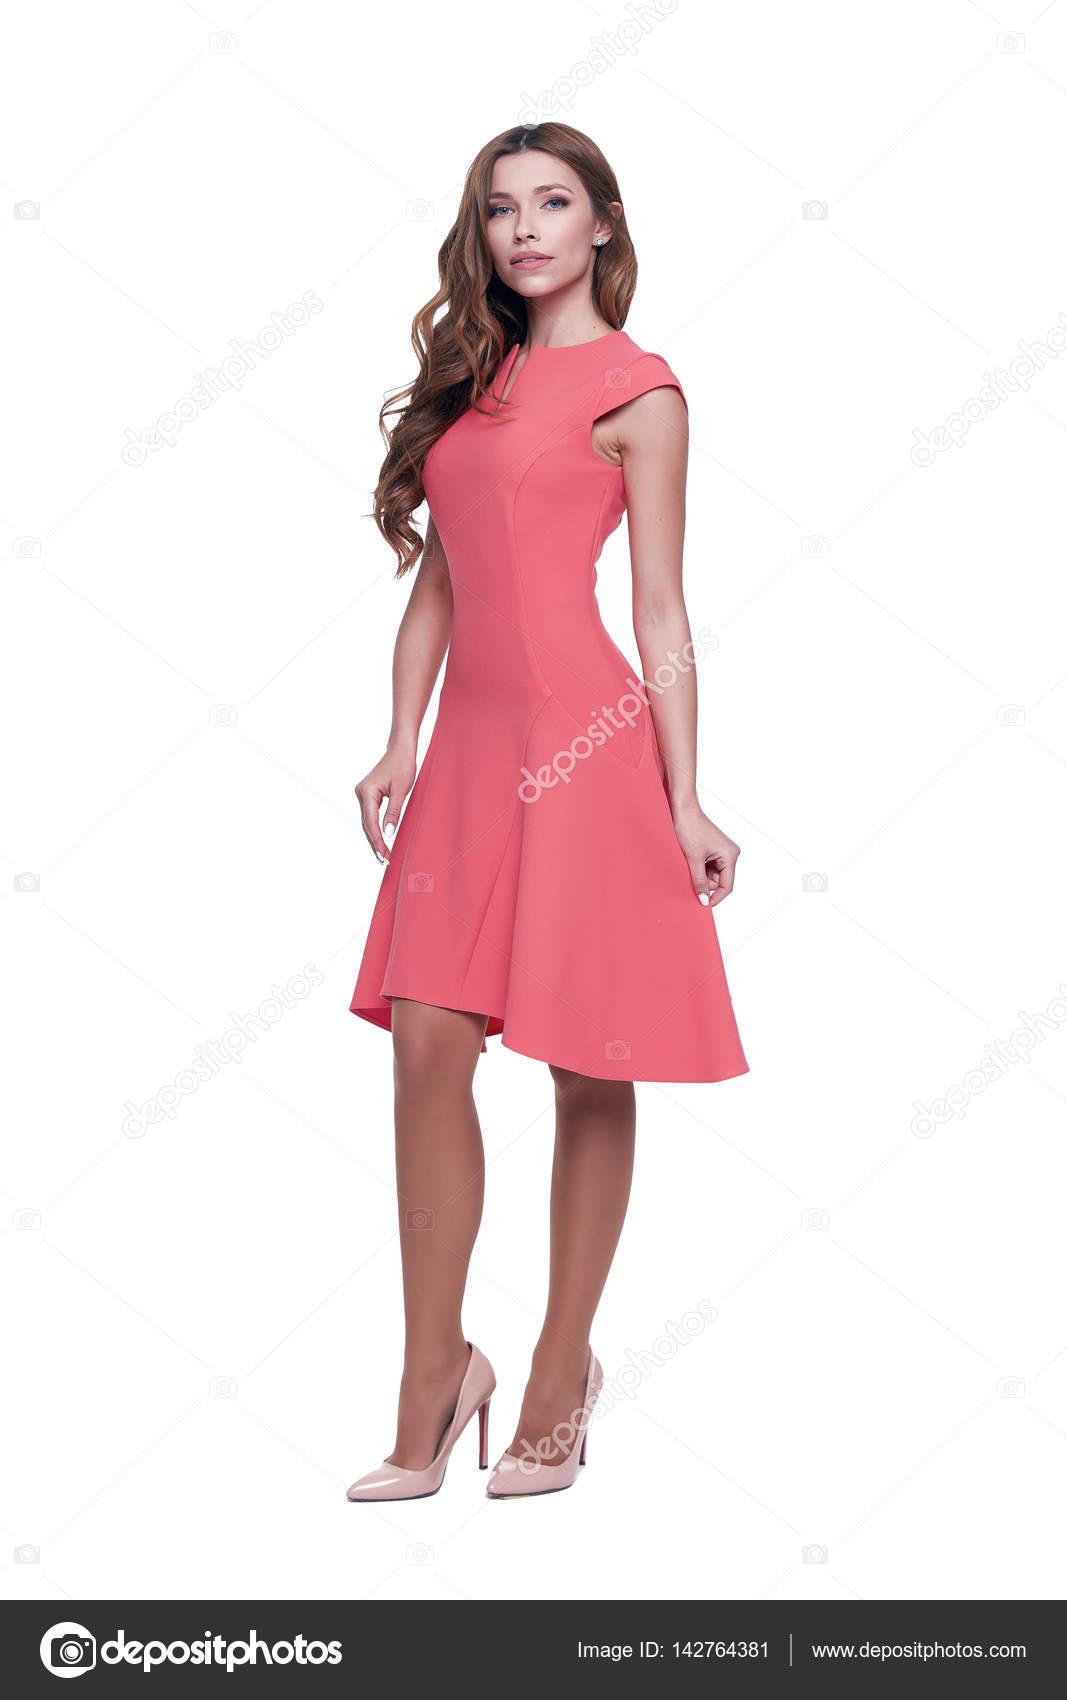 Muchacha del cumpleaños de empresaria mujer sexy cara bonita cuerpo ...